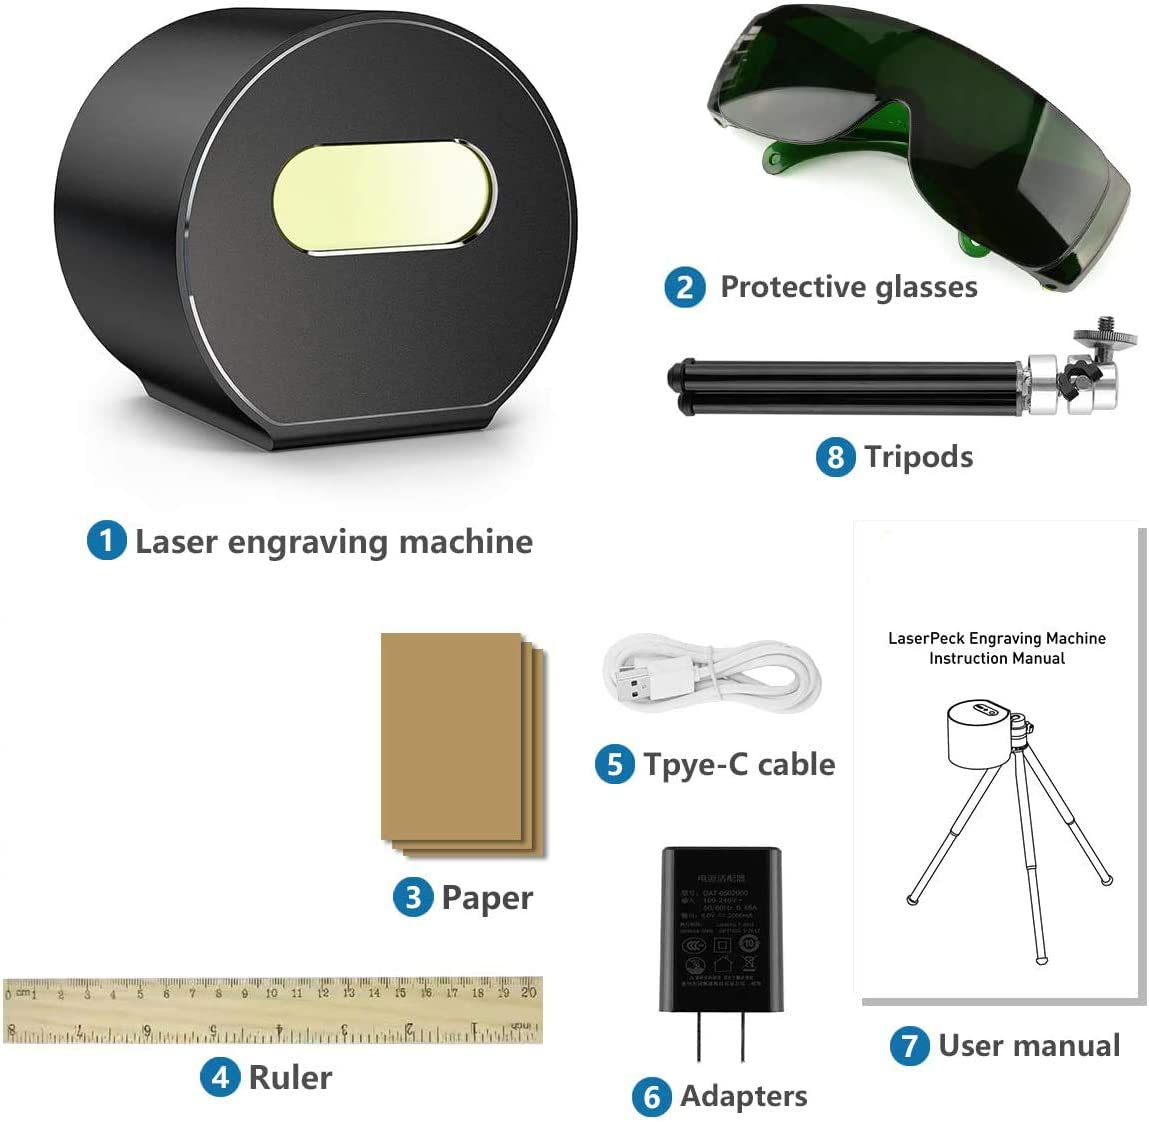 arte artesanal m/áquina grabadora l/áser compacta 1.6W con gafas protectoras Mini Herramientas de grabado l/áser CNC port/átil impresora l/áser l/áser grabador l/áser cortador para bricolaje Black